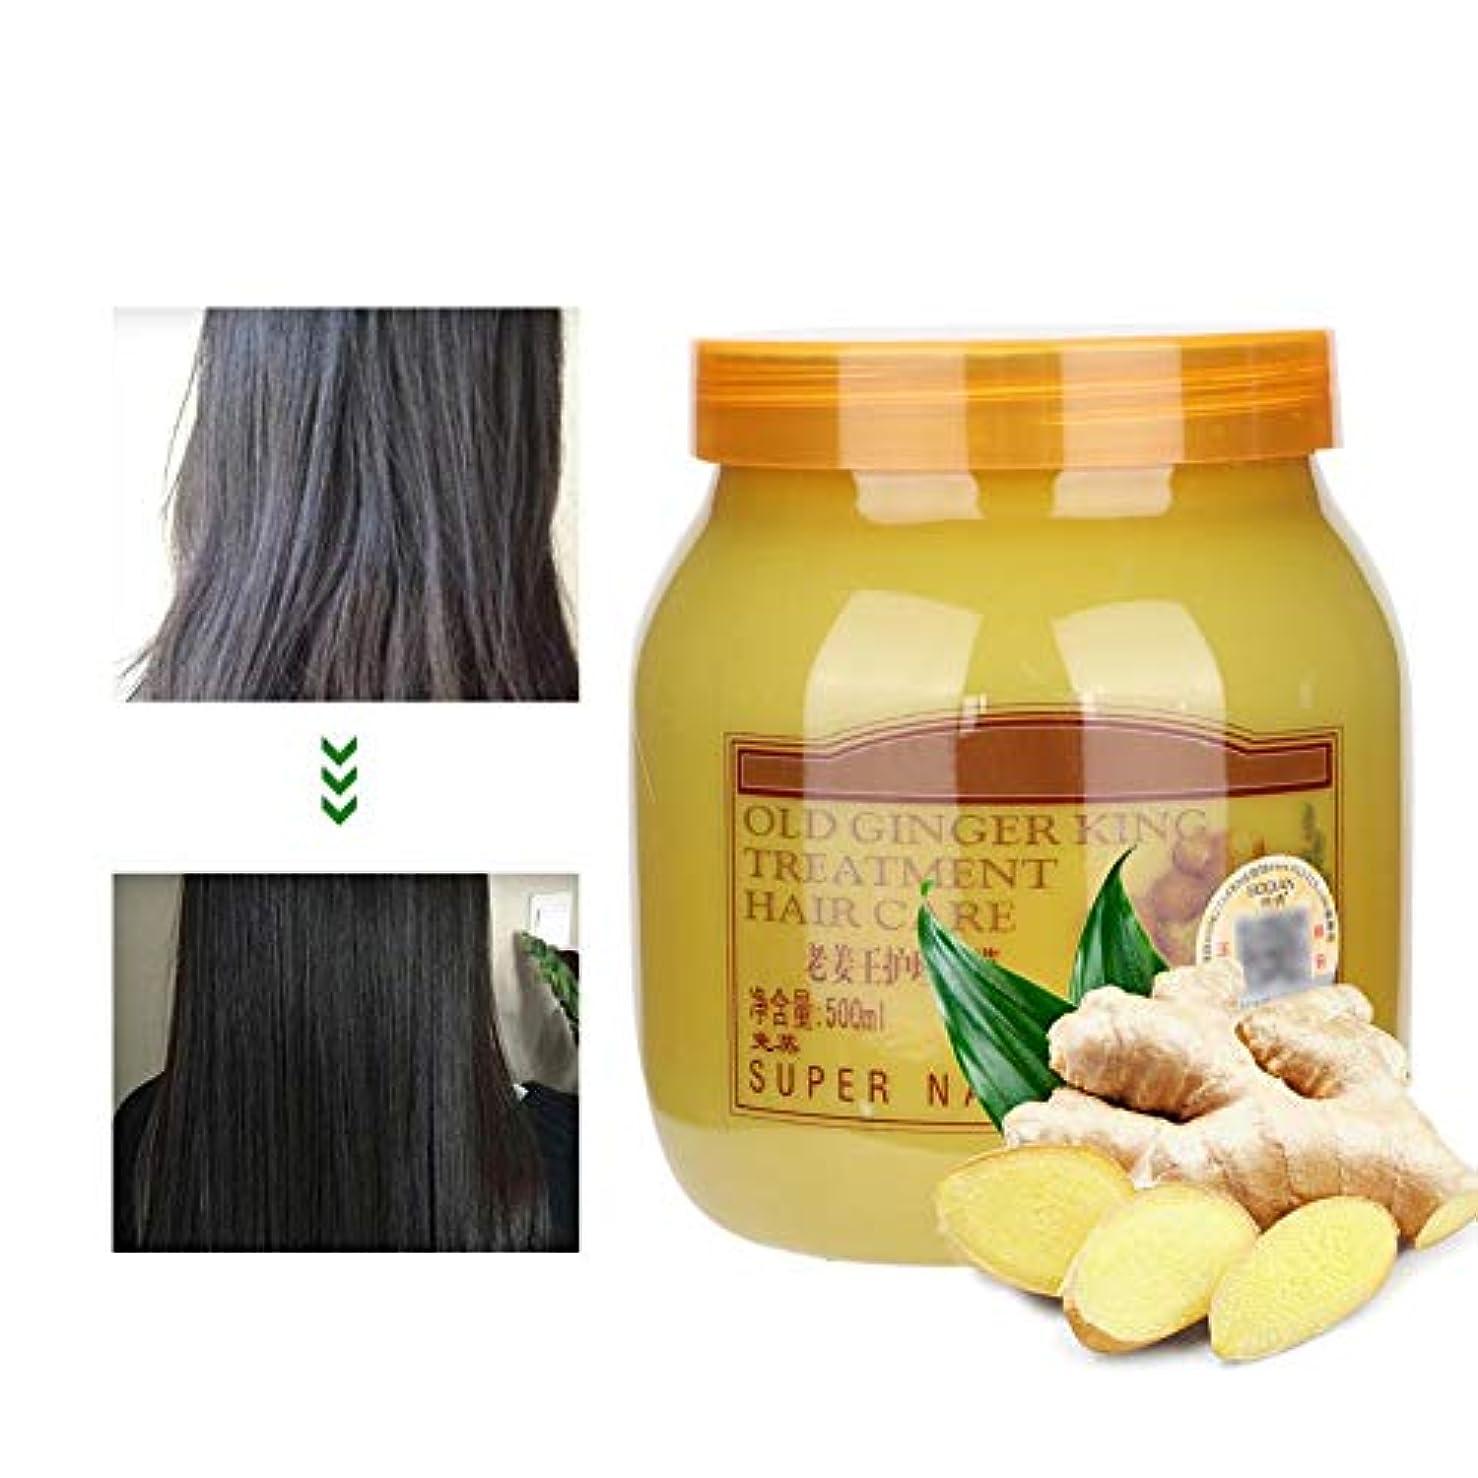 ジンジャーヘアコンディショナー ディープコンディショニングヘア用のリッチエッセンスヘアケアマスク 毛先の改善 髪の損傷の修復と脱毛の改善、光沢の増加と縮れの軽減